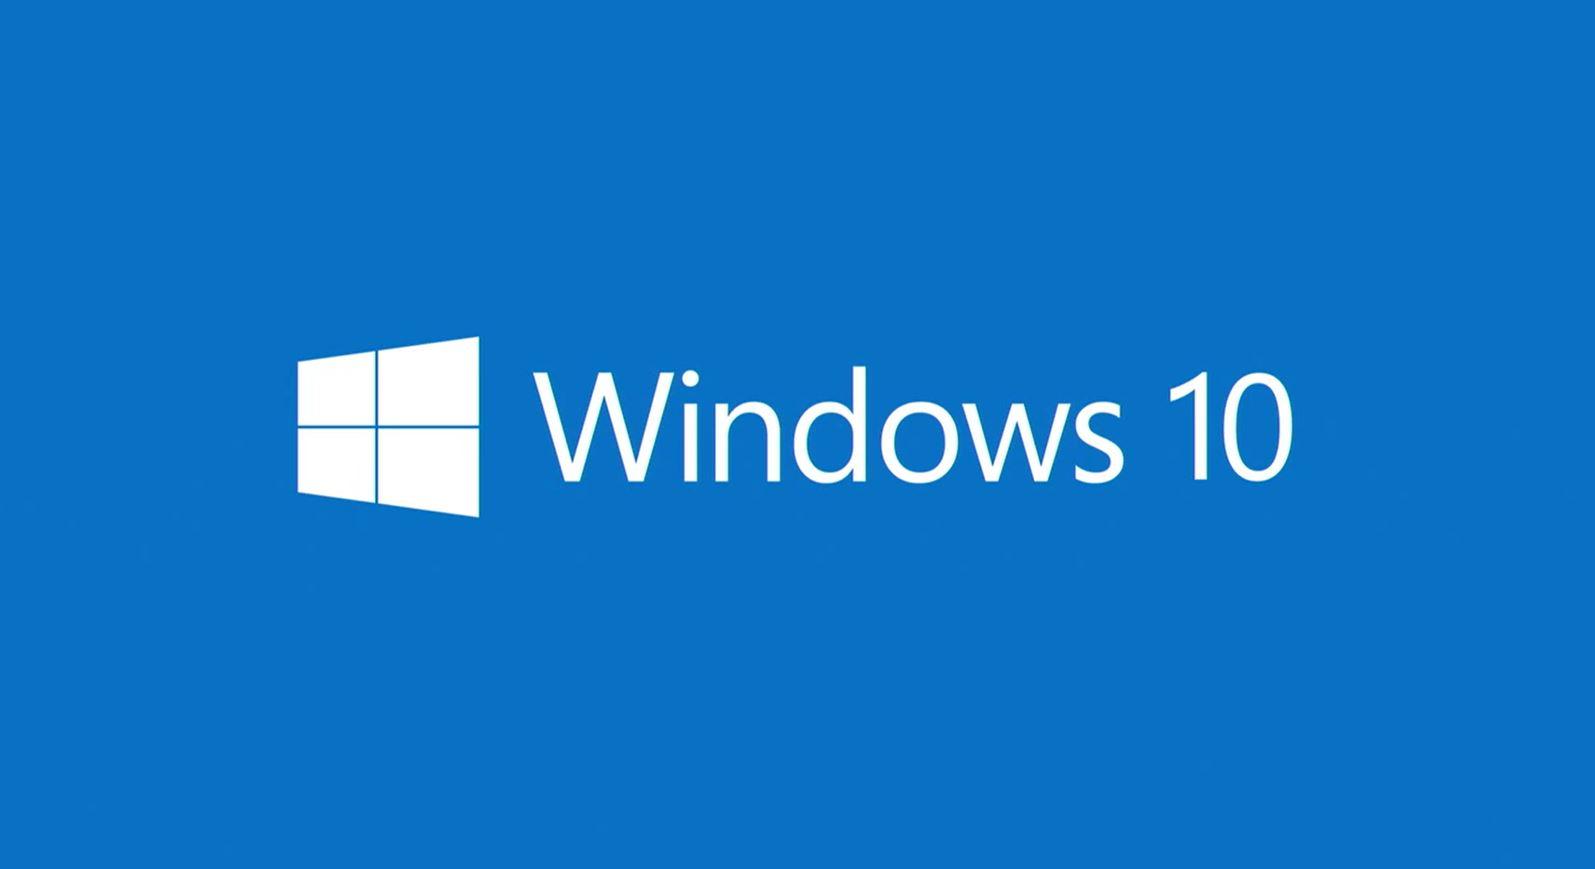 Windows 10 este disponibil incepand de astazi ca upgrade gratuit pentru utilizatorii din 190 de tari